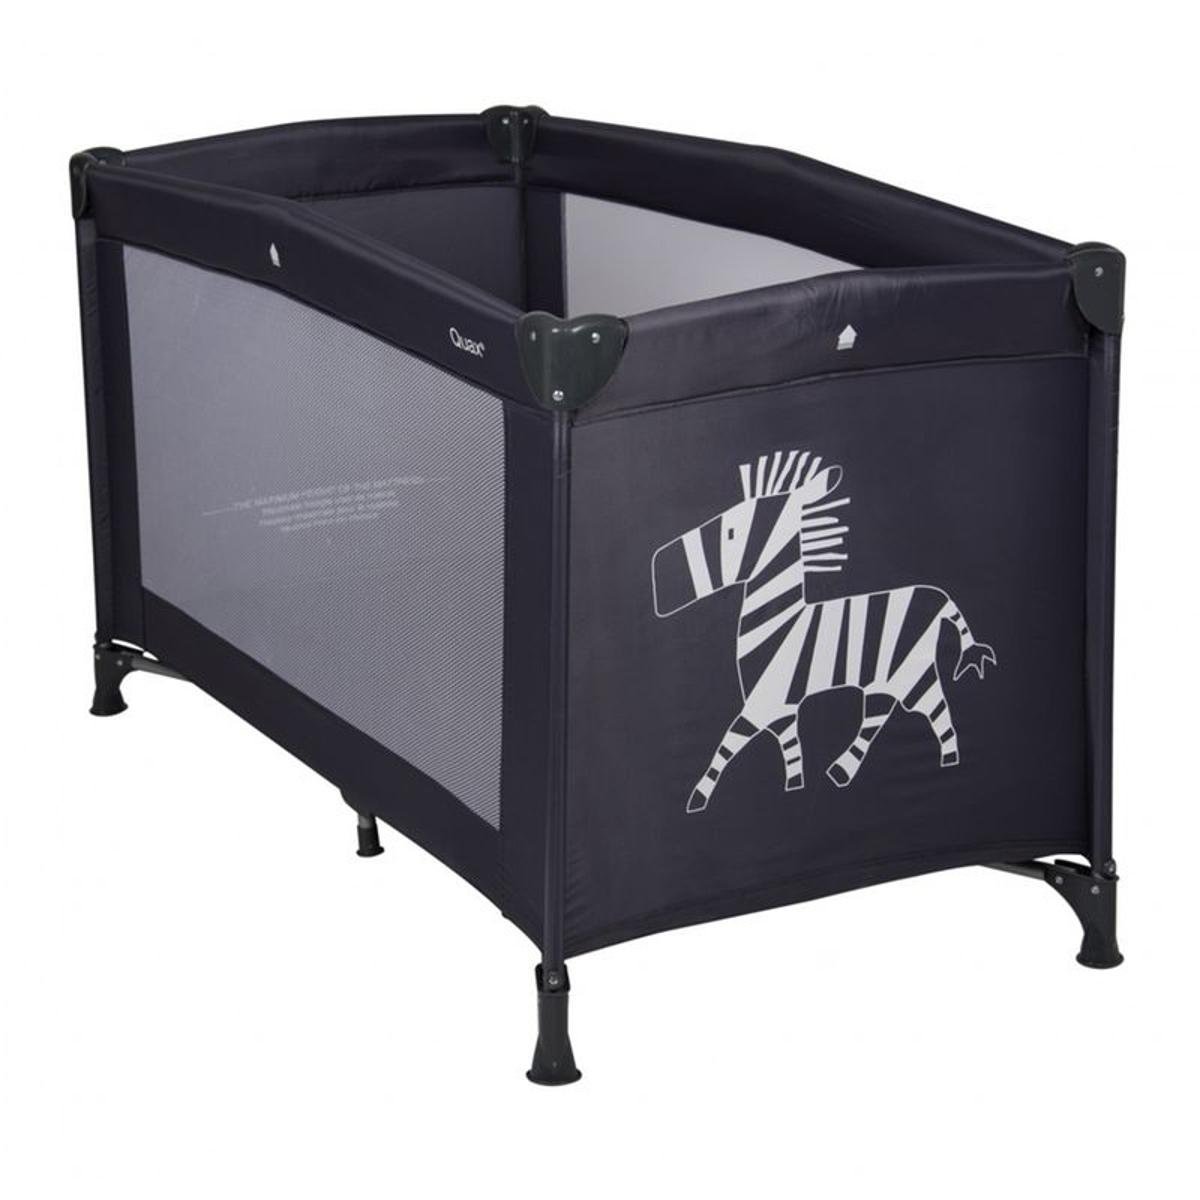 Lit parapluie Zebra